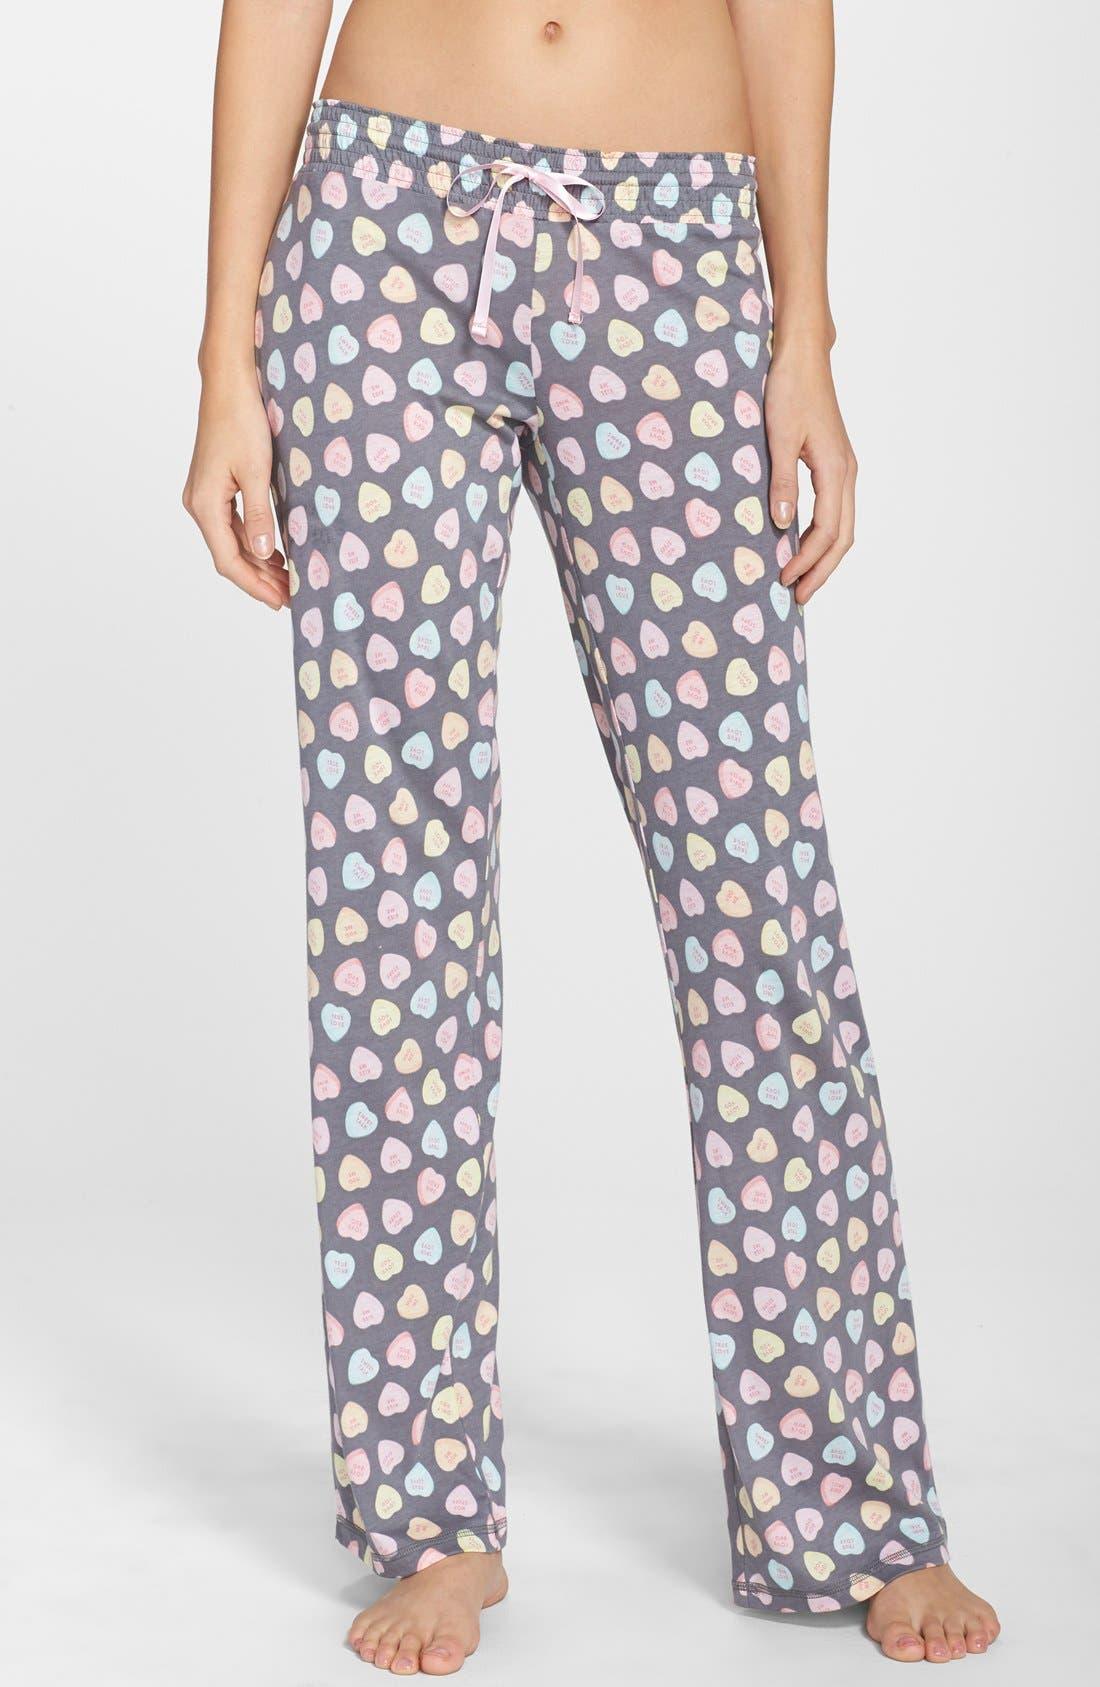 PJ SALVAGE,                             'Candy Hearts' Pajama Pants,                             Main thumbnail 1, color,                             020